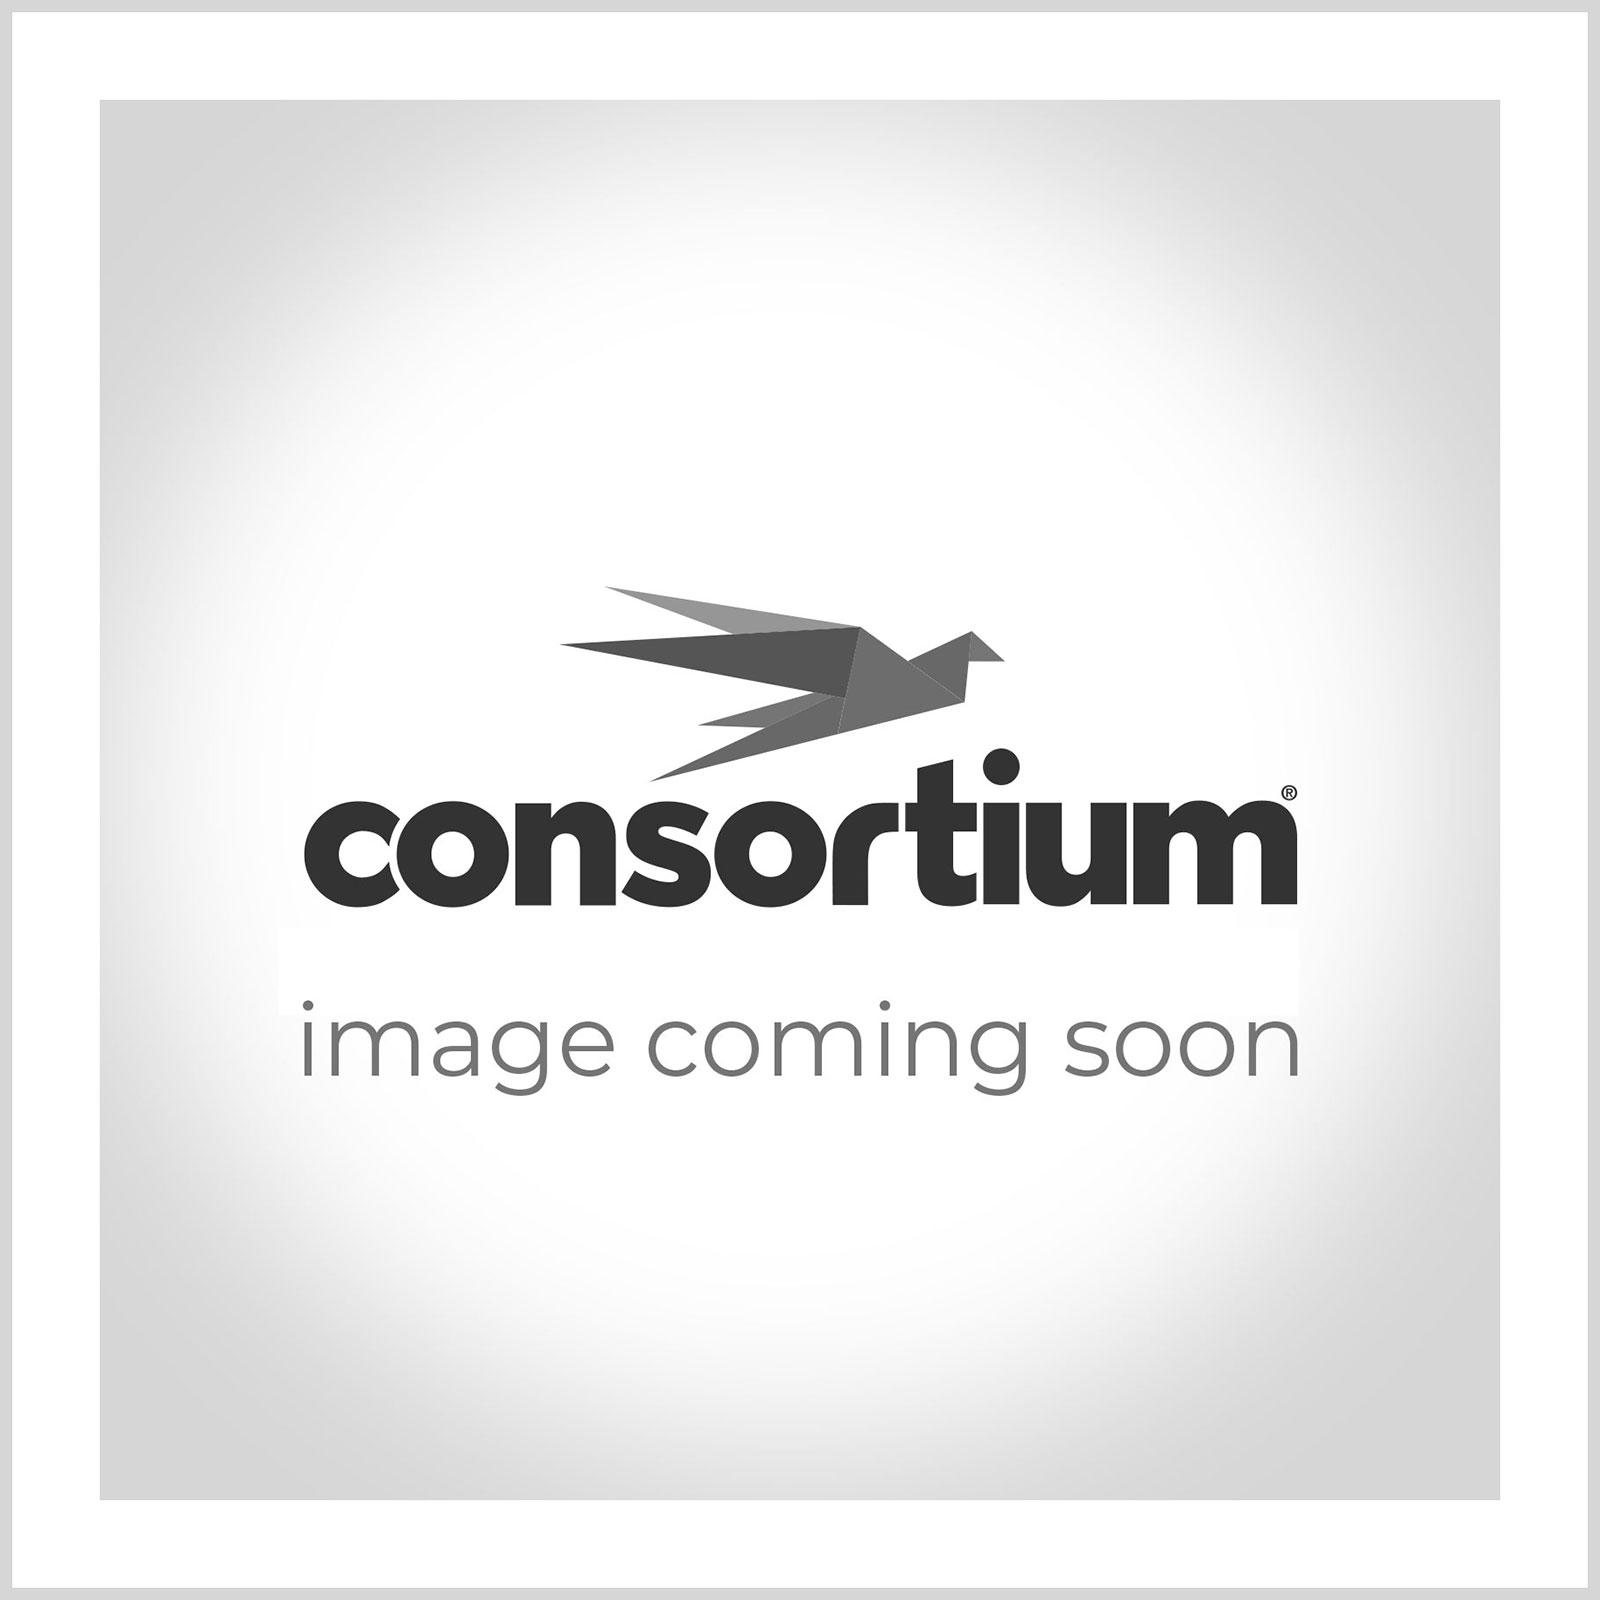 Consortium Adhesive Tape